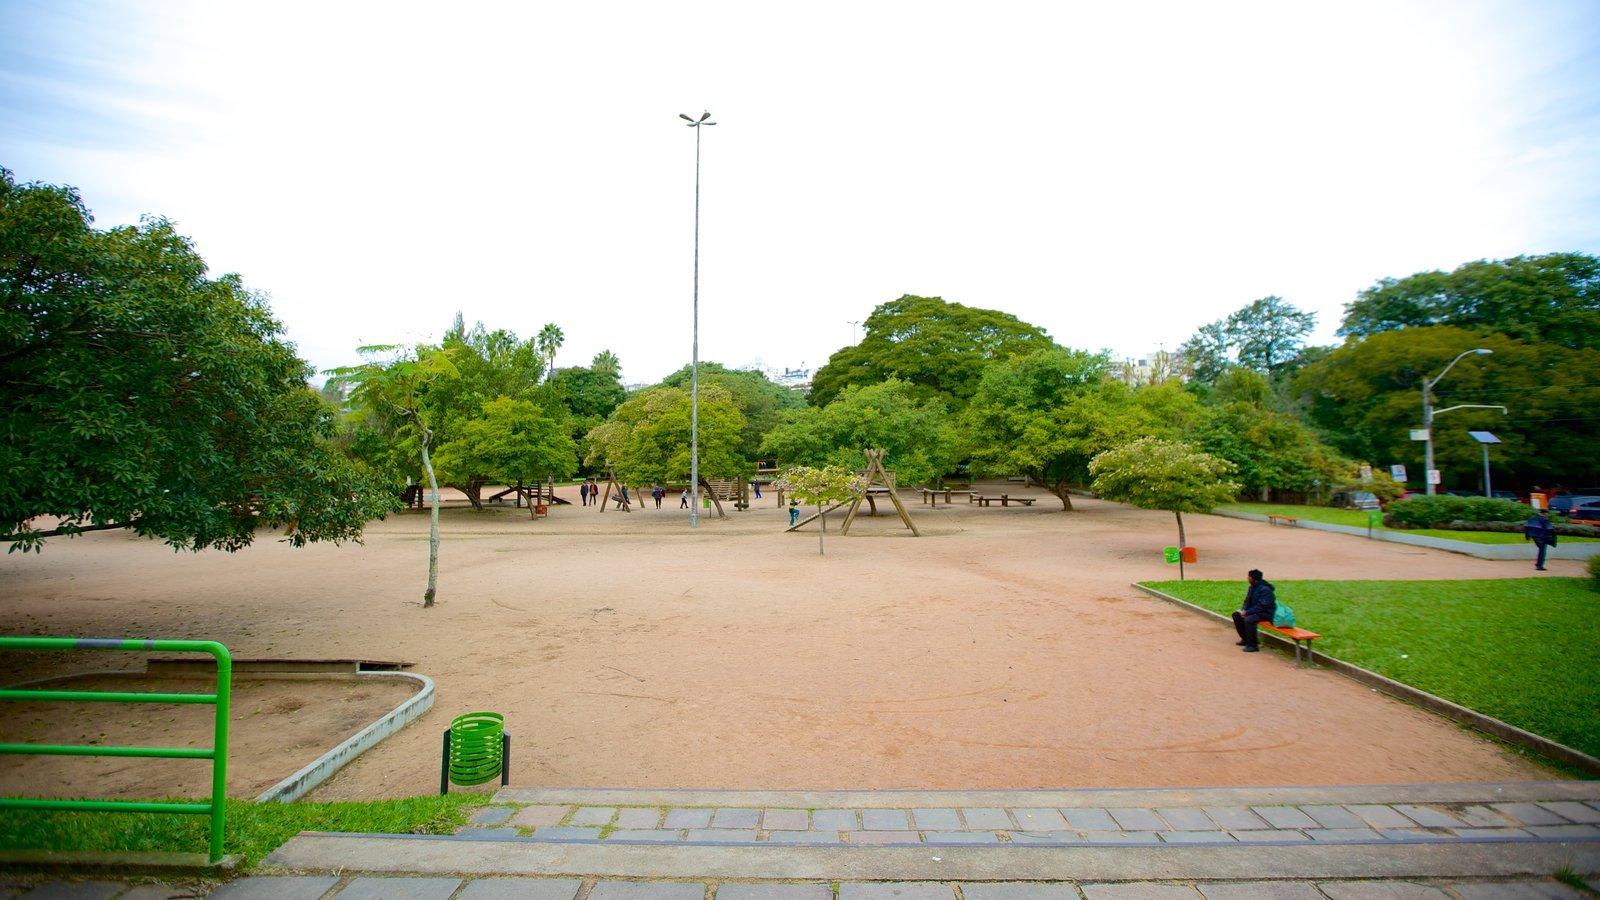 Parque Moinhos de Vento mostrando um parque